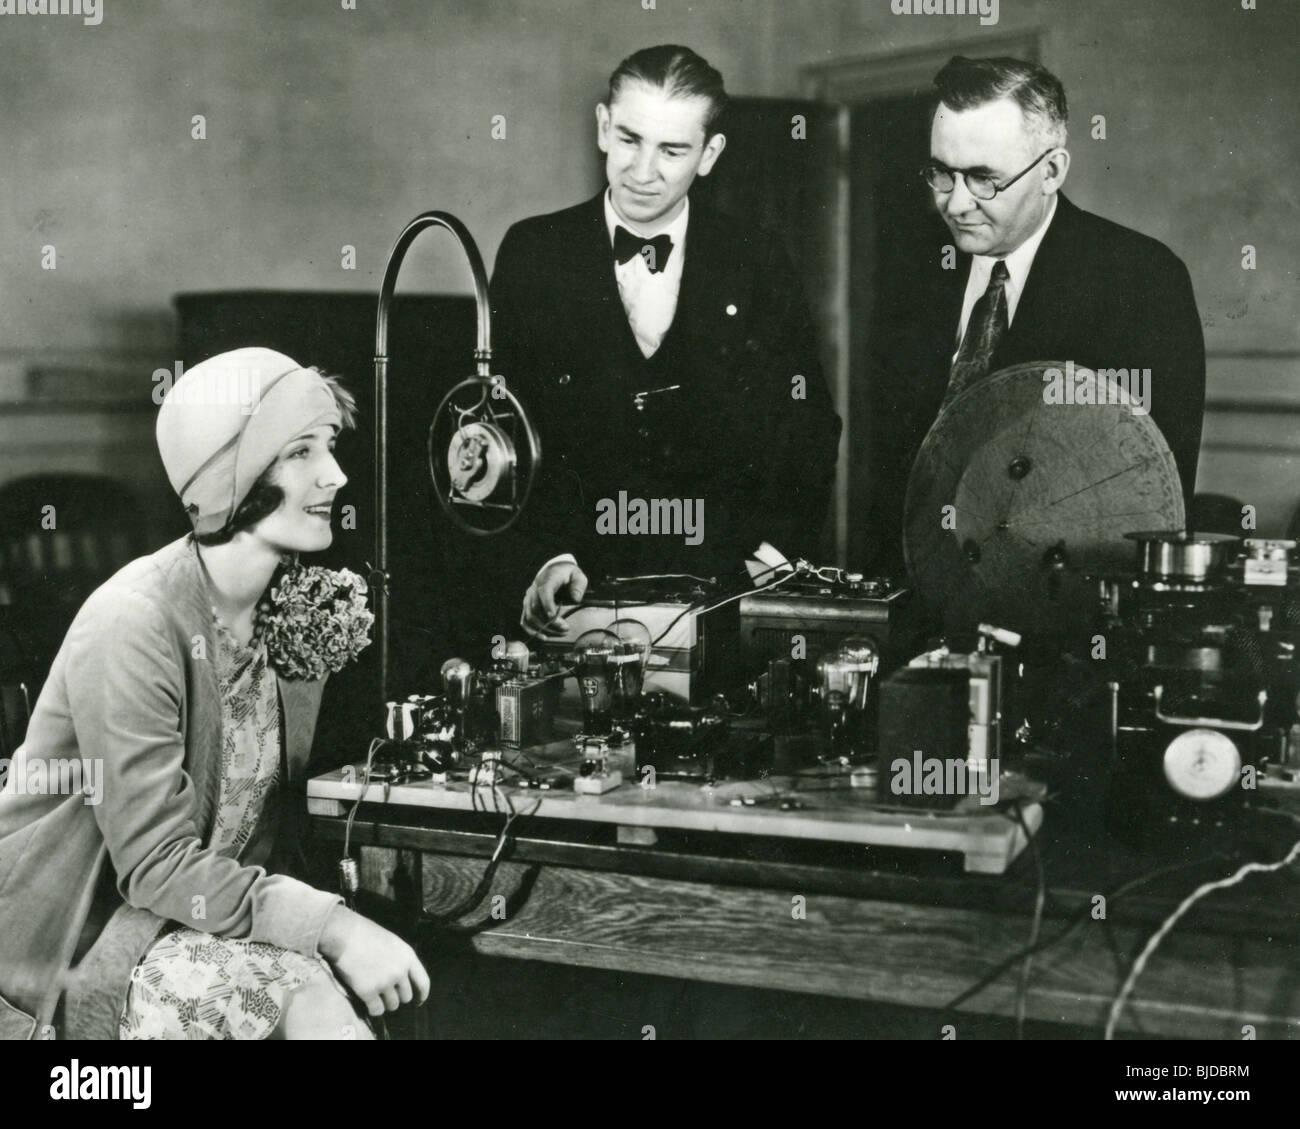 NORMA SHEARER - US-Schauspielerin - mit einem frühen Film-sound-Aufnahmesystem Stockbild